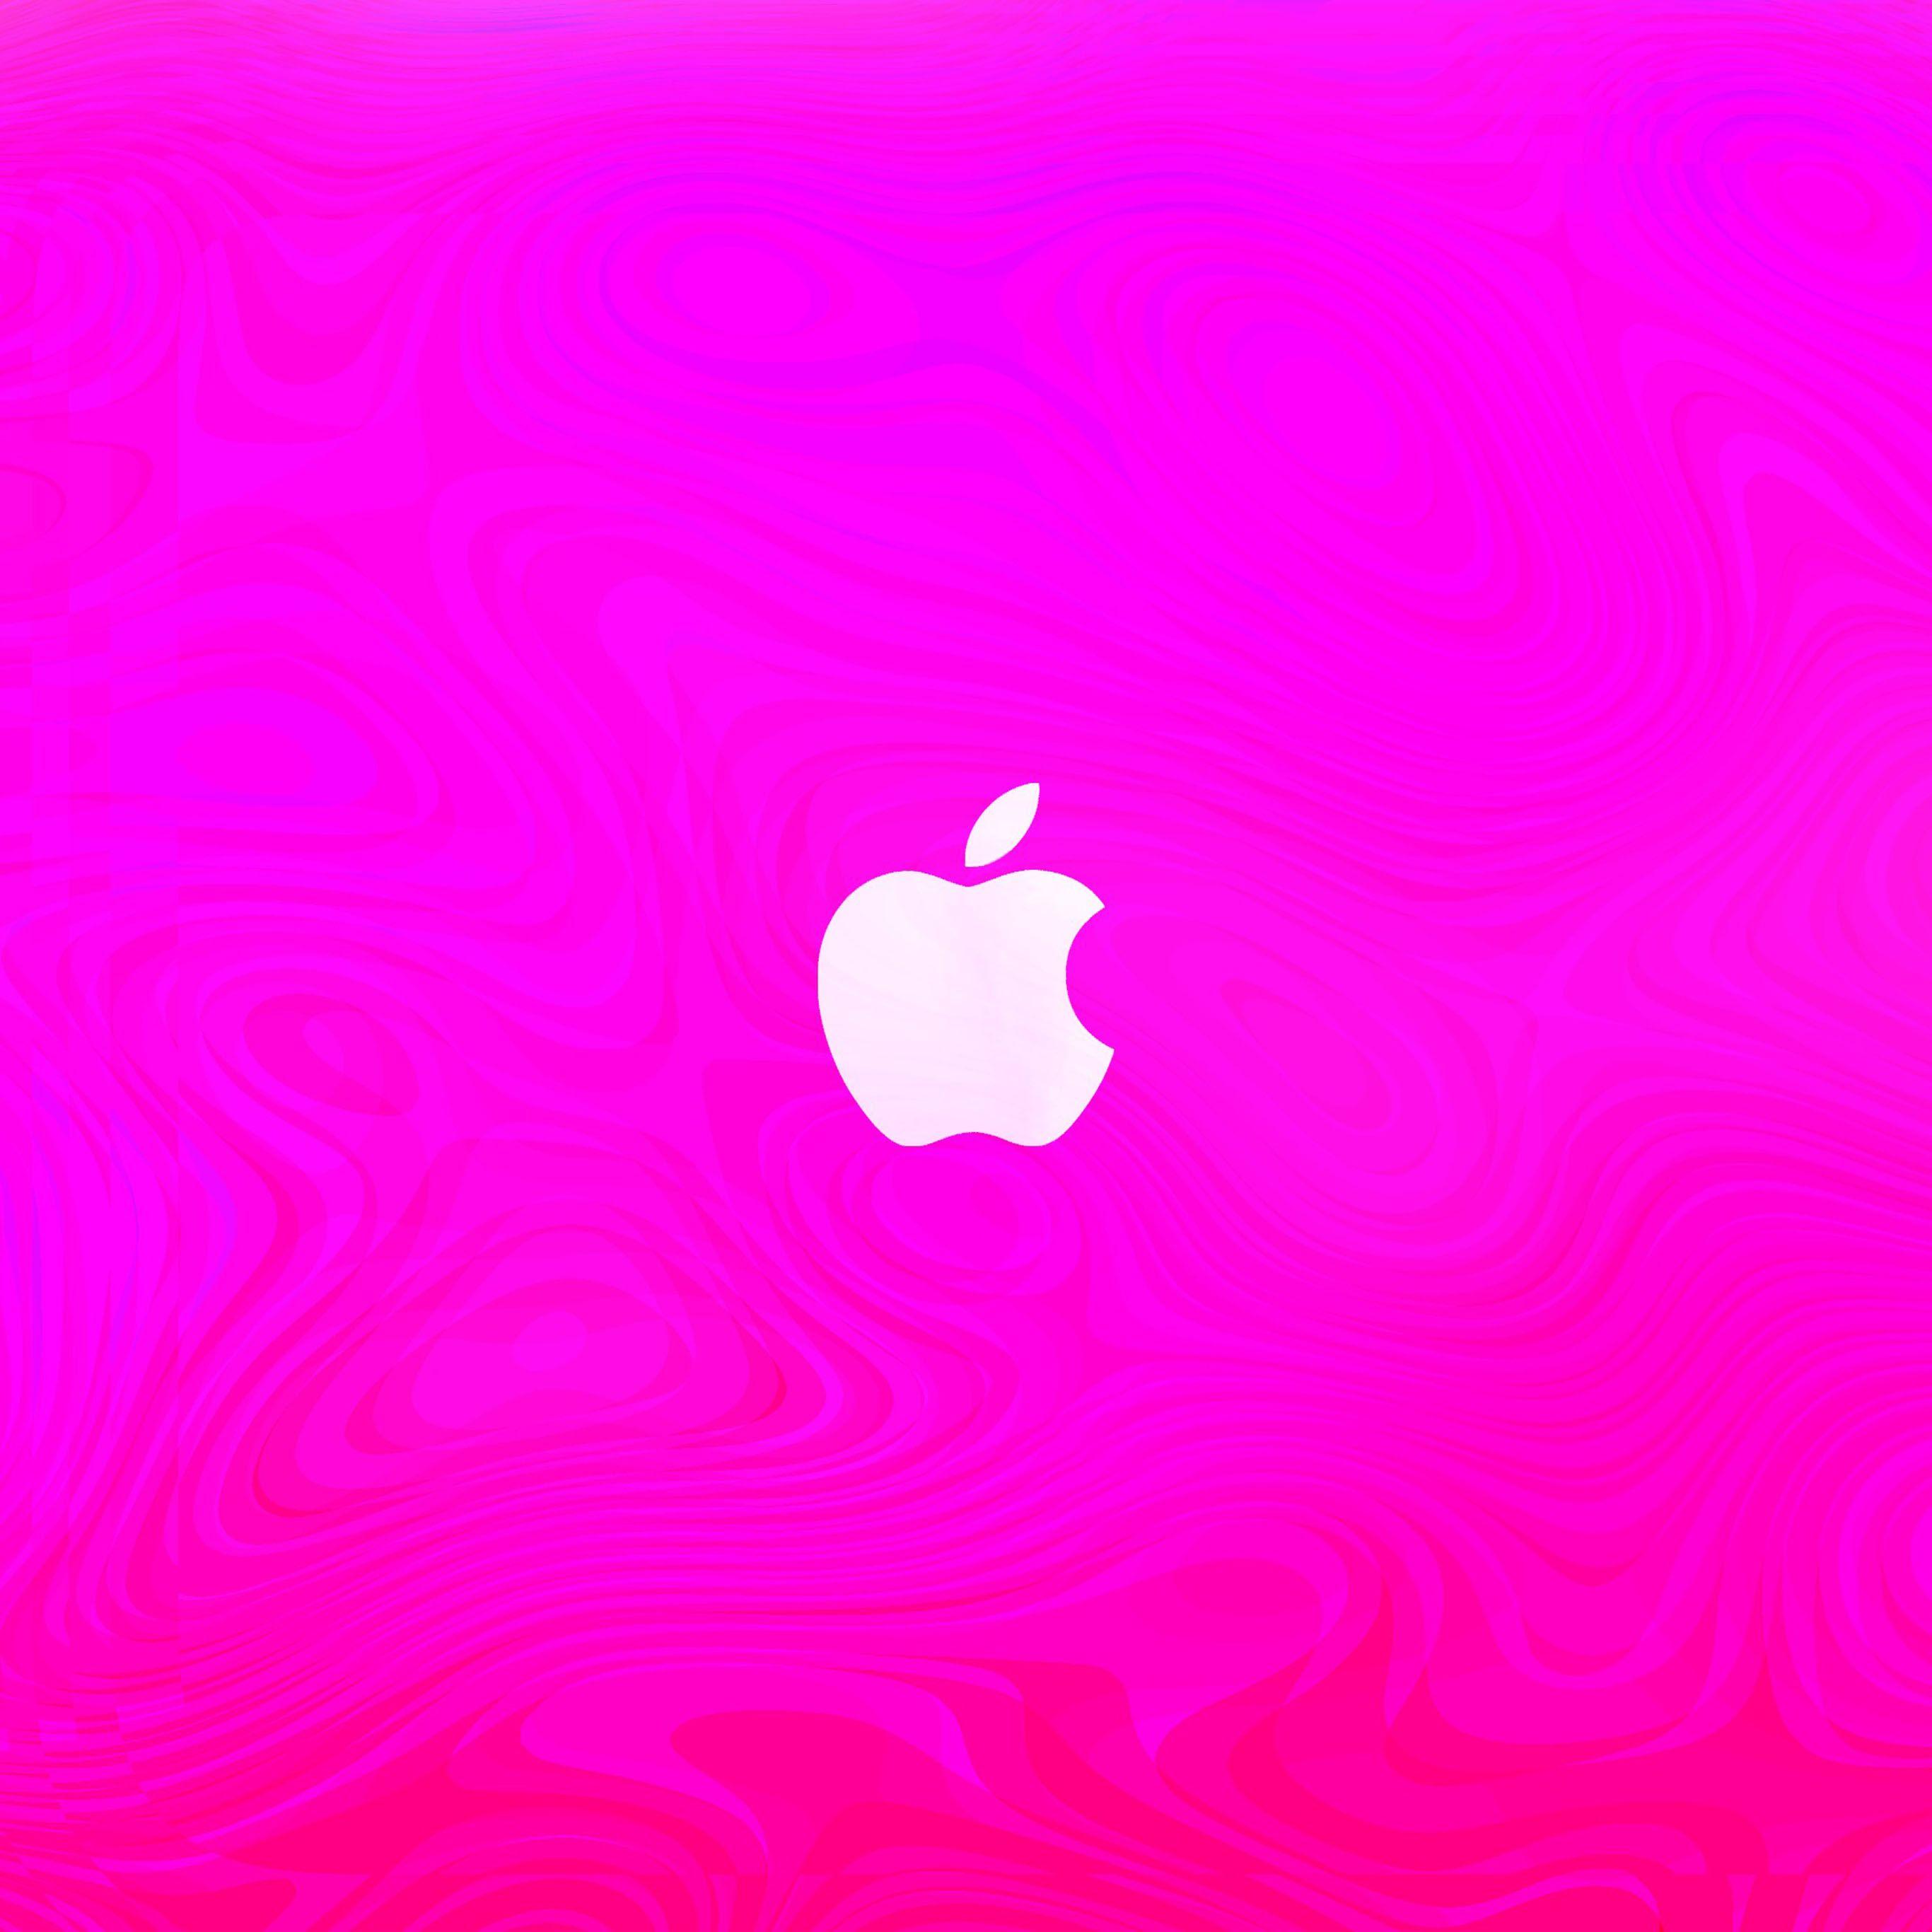 Apple ipad pro hintergrund